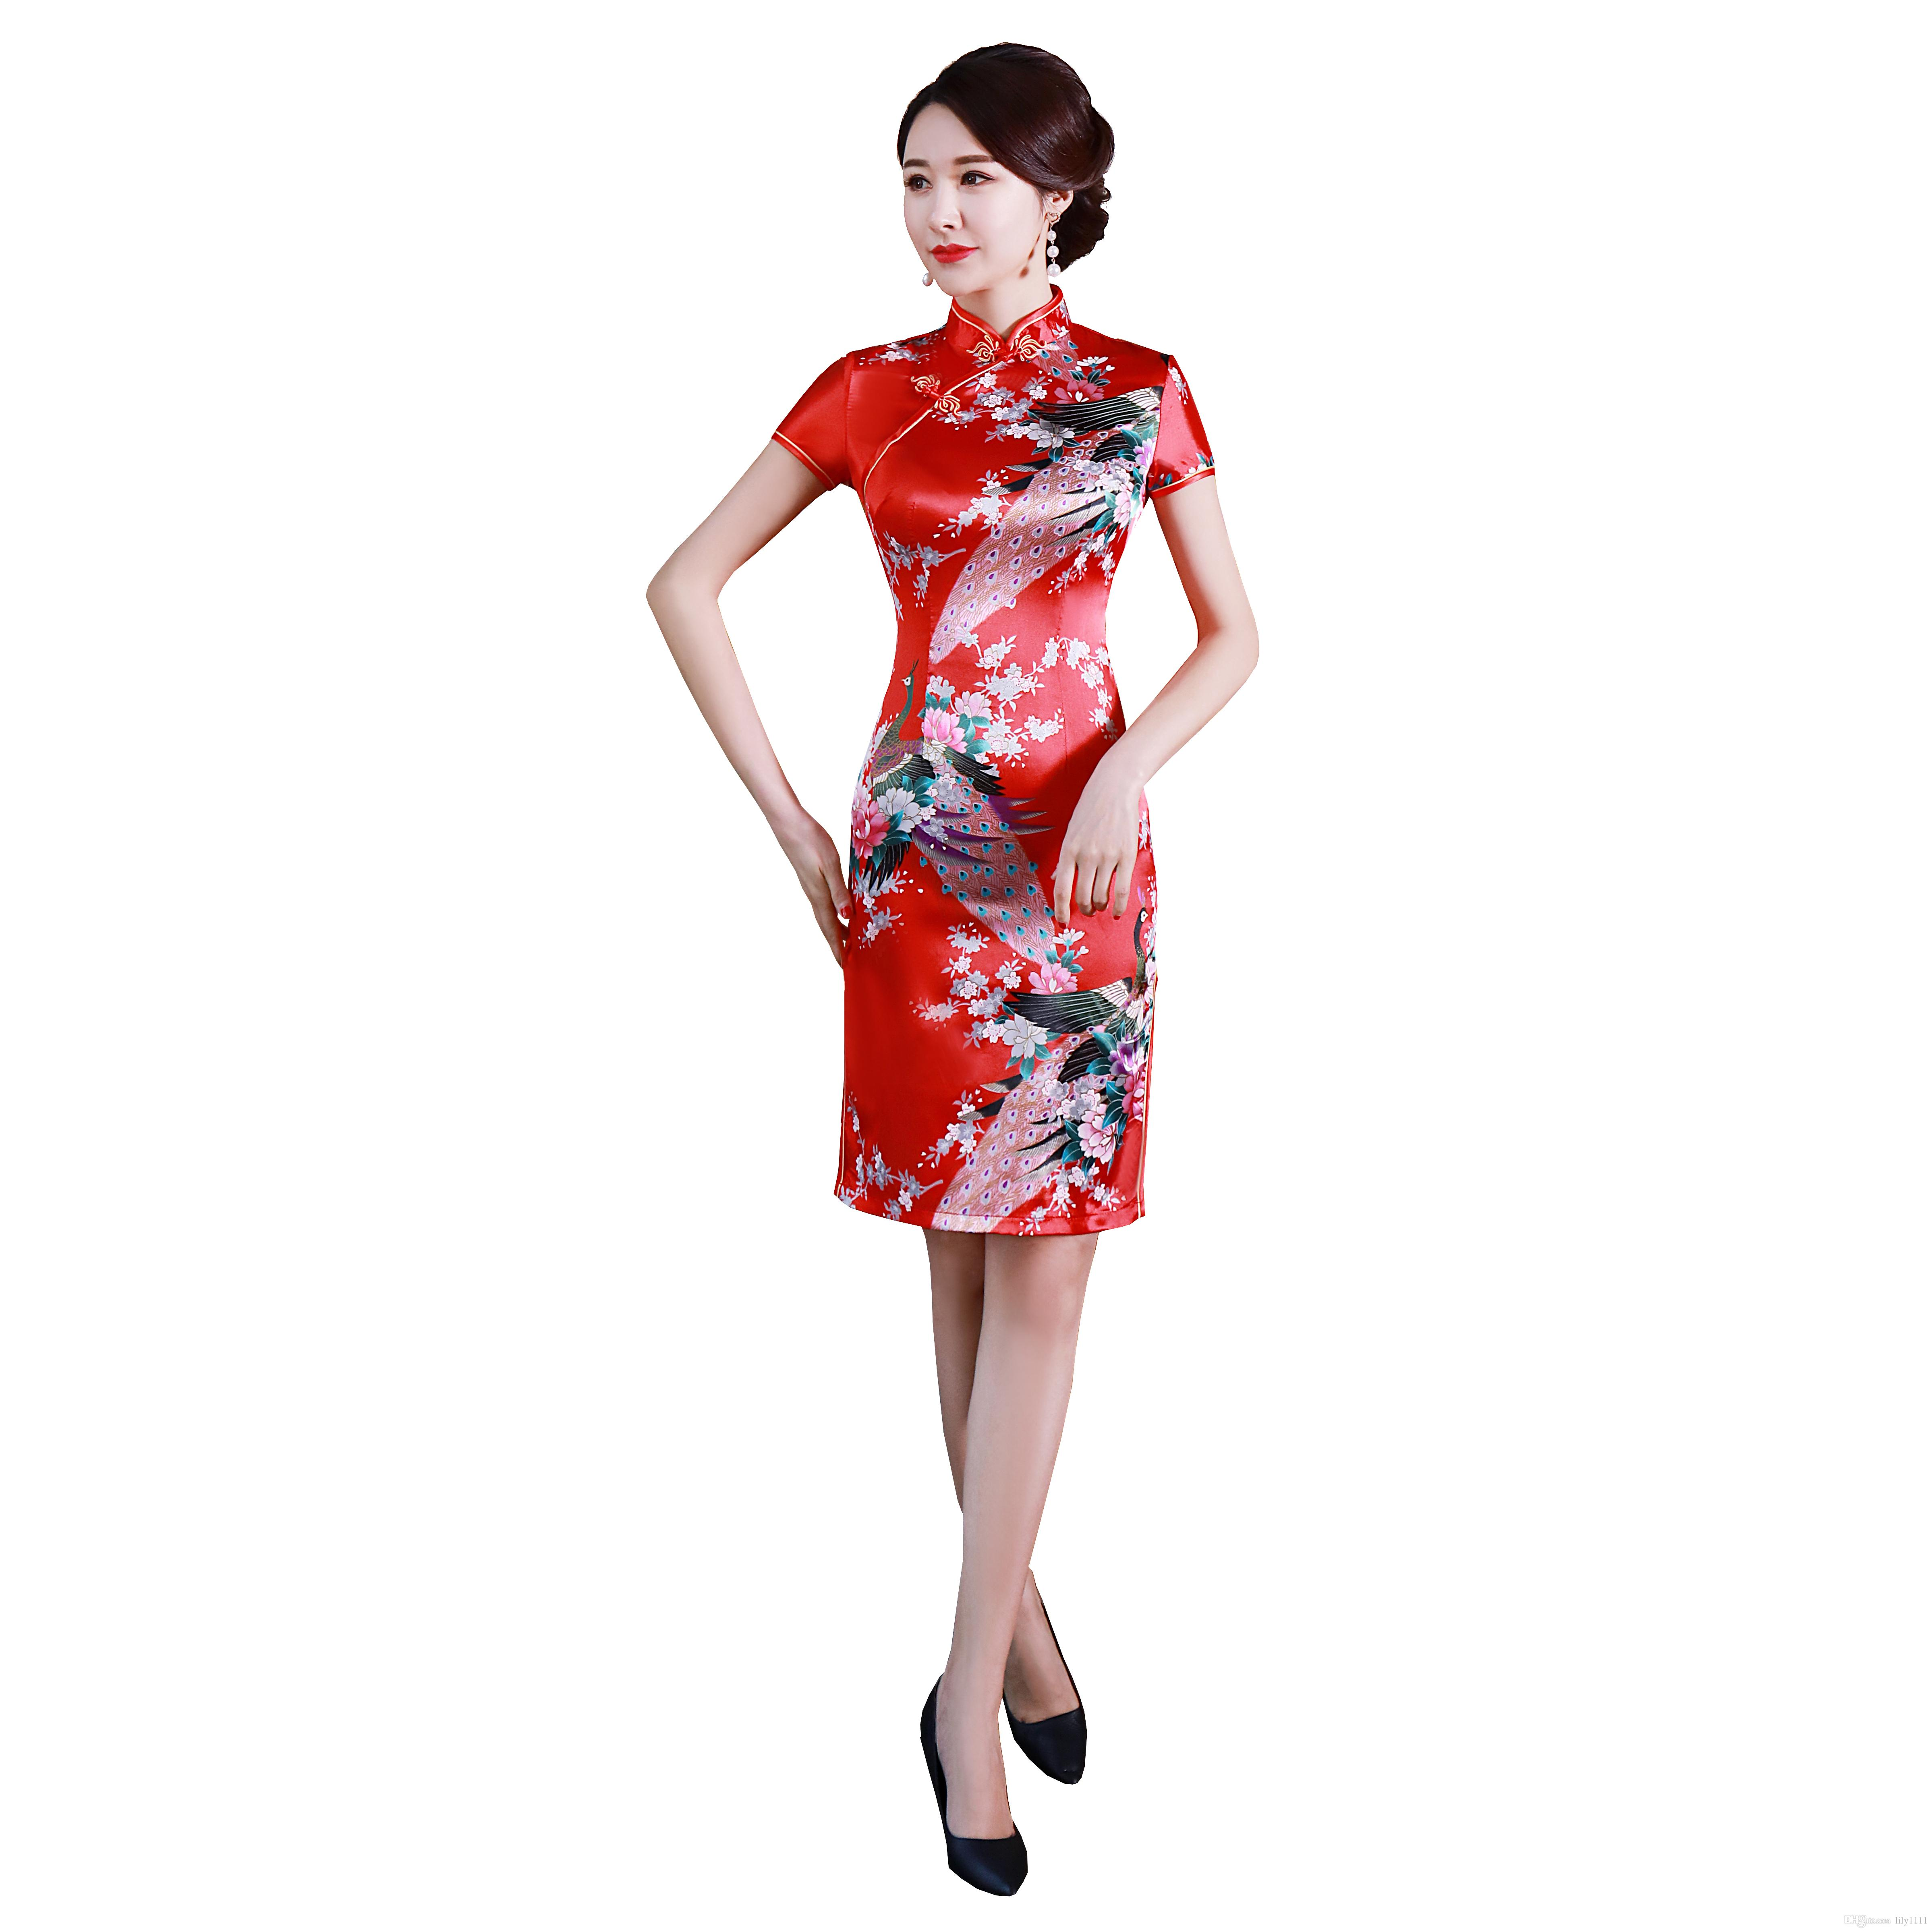 상해 이야기 중국 전통 드레스 Qipao 빈티지 미니 중국 드레스 패턴 cheongsam 푸른 공작 드레스